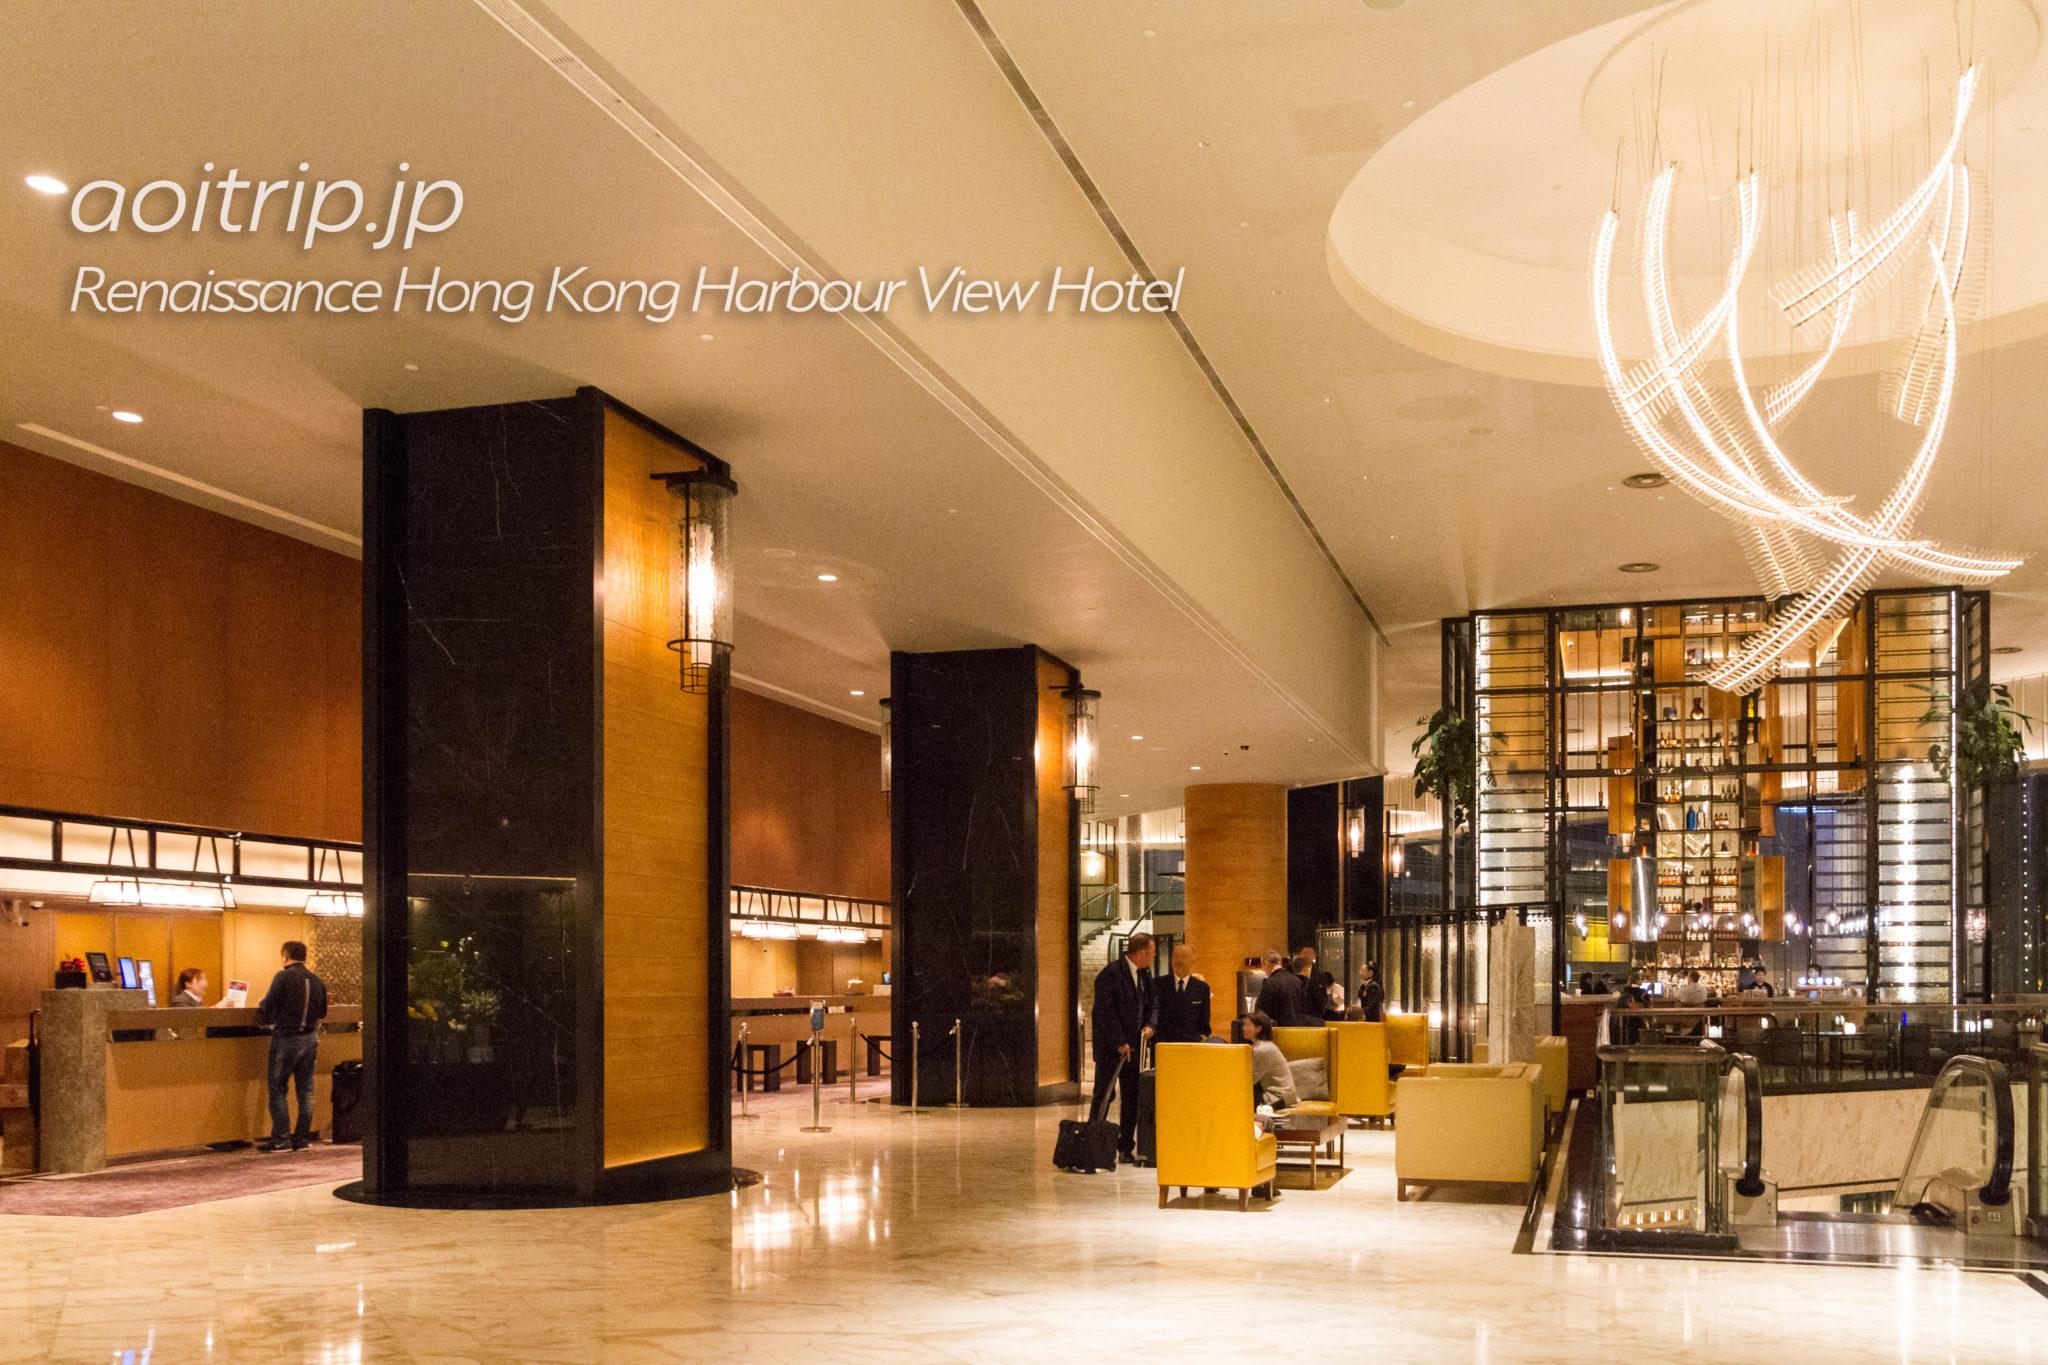 ルネッサンス香港ハーバービューホテルのハーバービュールームのホテルロビー